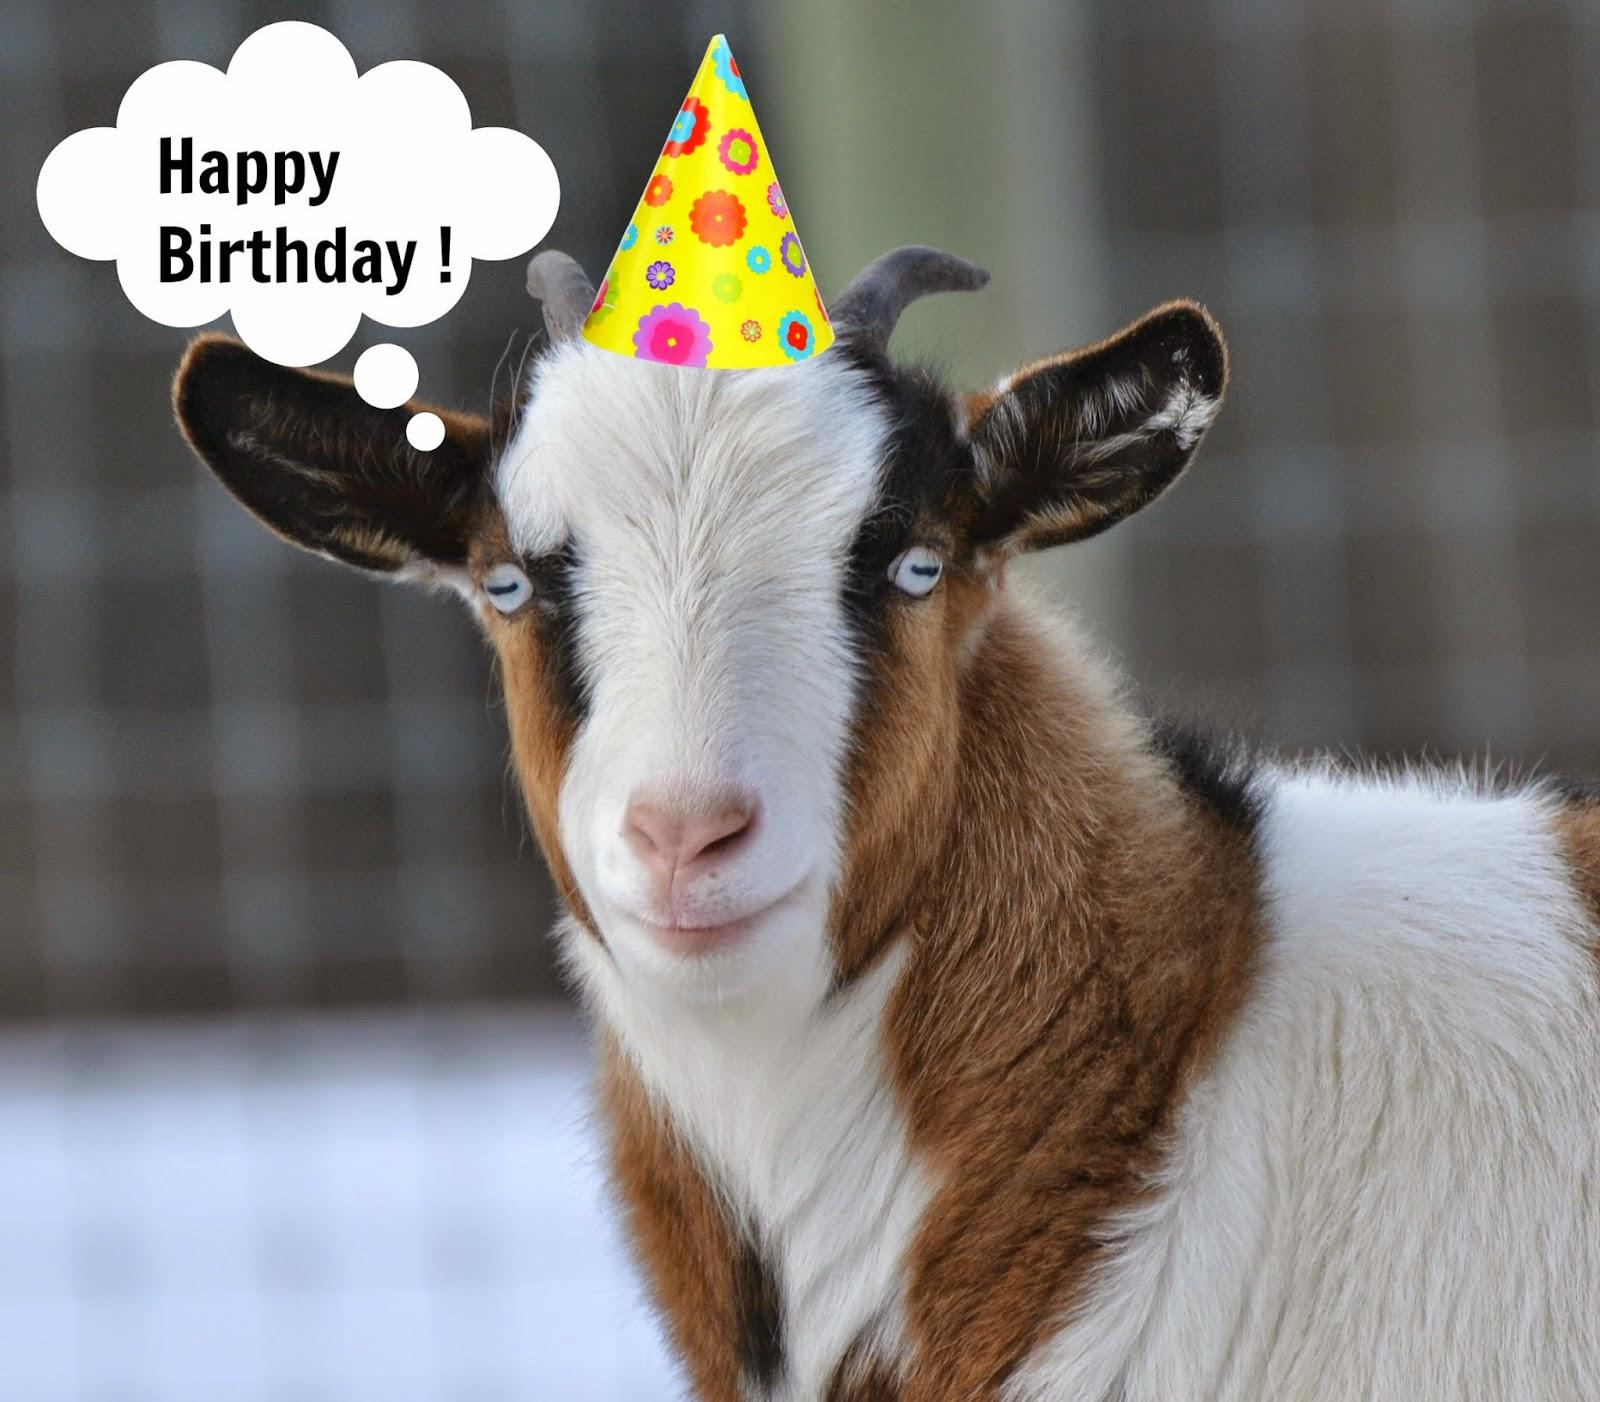 Happy birthday goat - photo#30